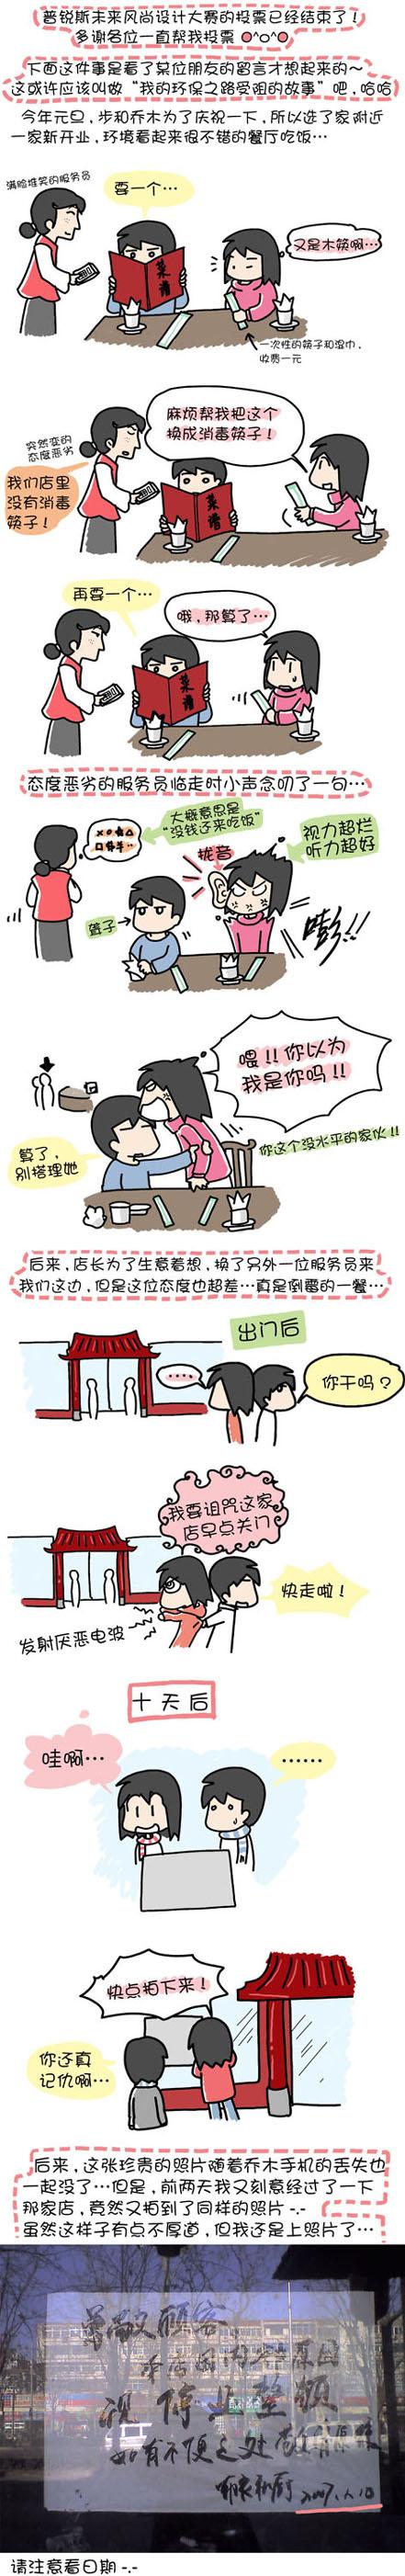 由筷子所引发的… - 小步 - 小步漫画日记